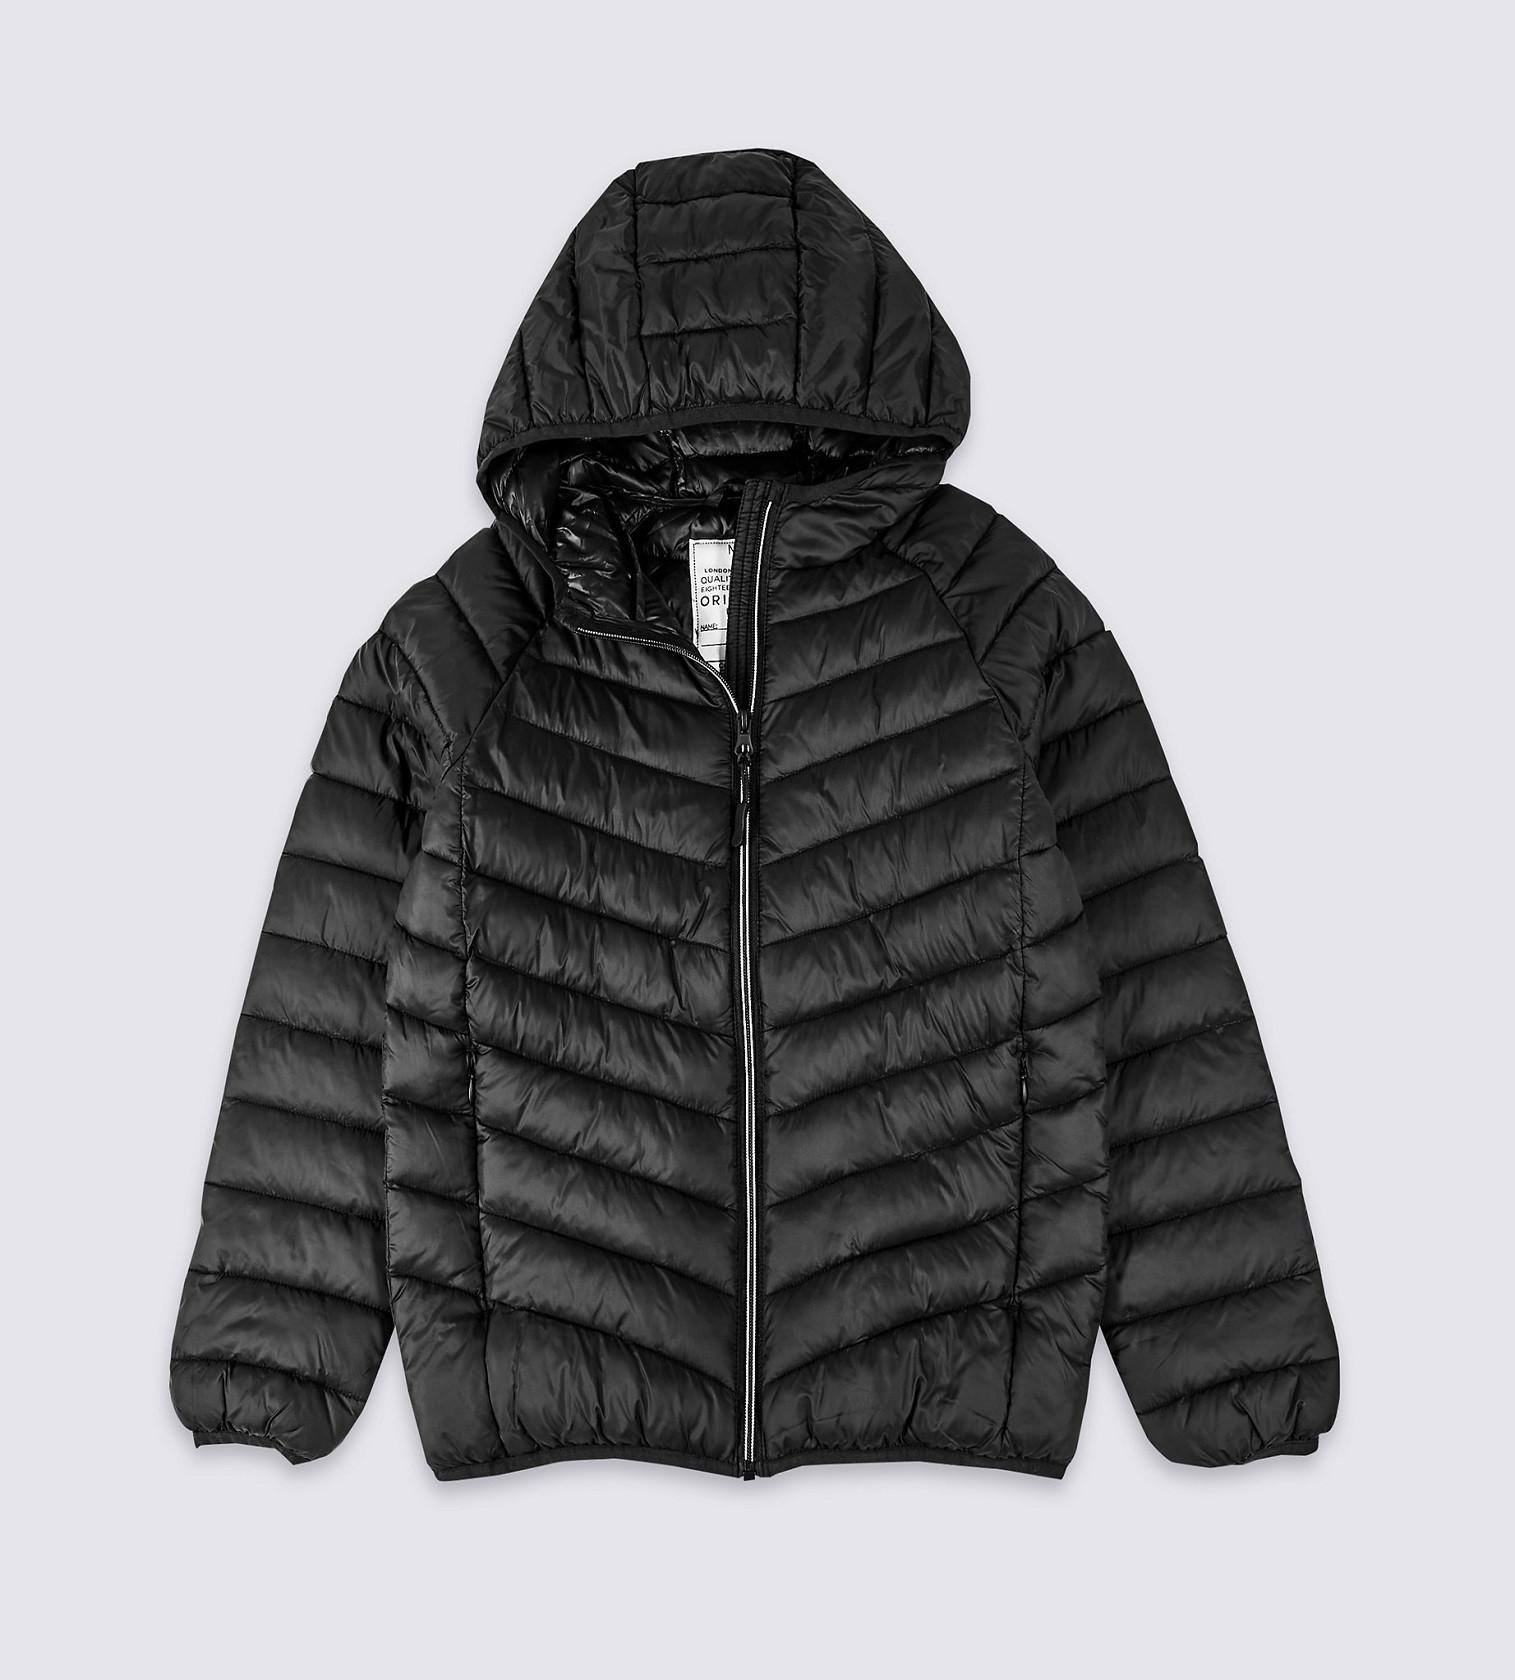 Купити Куртка легка M&S Черна - фото 1